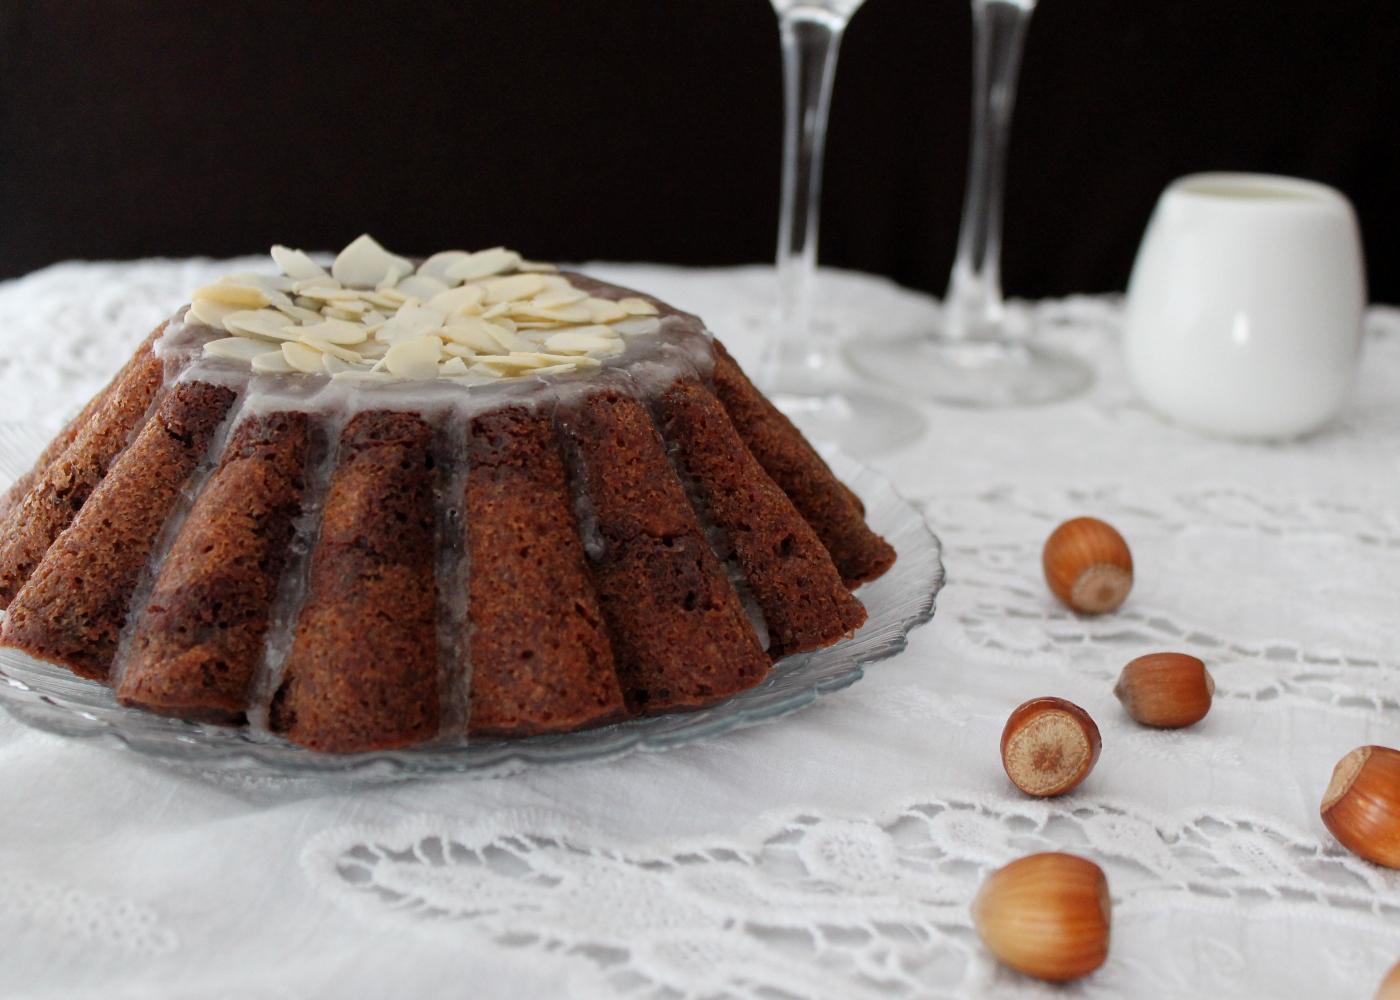 bolo de chocolate com banana e cobertura de amêndoa